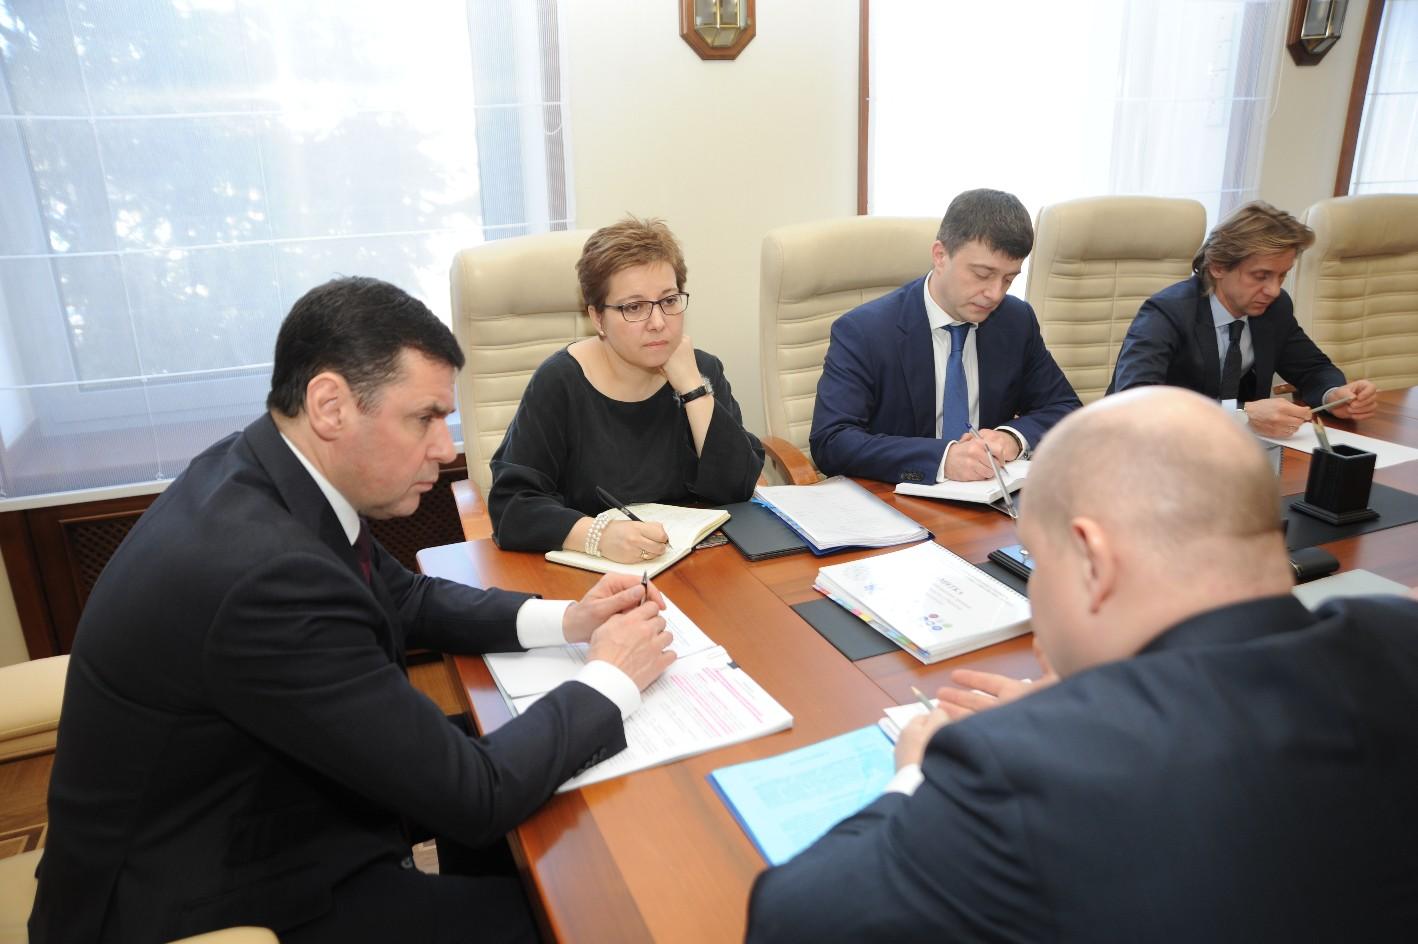 Дмитрий Миронов обсудил развитие паллиативной помощи в регионе с Анной Федермессер